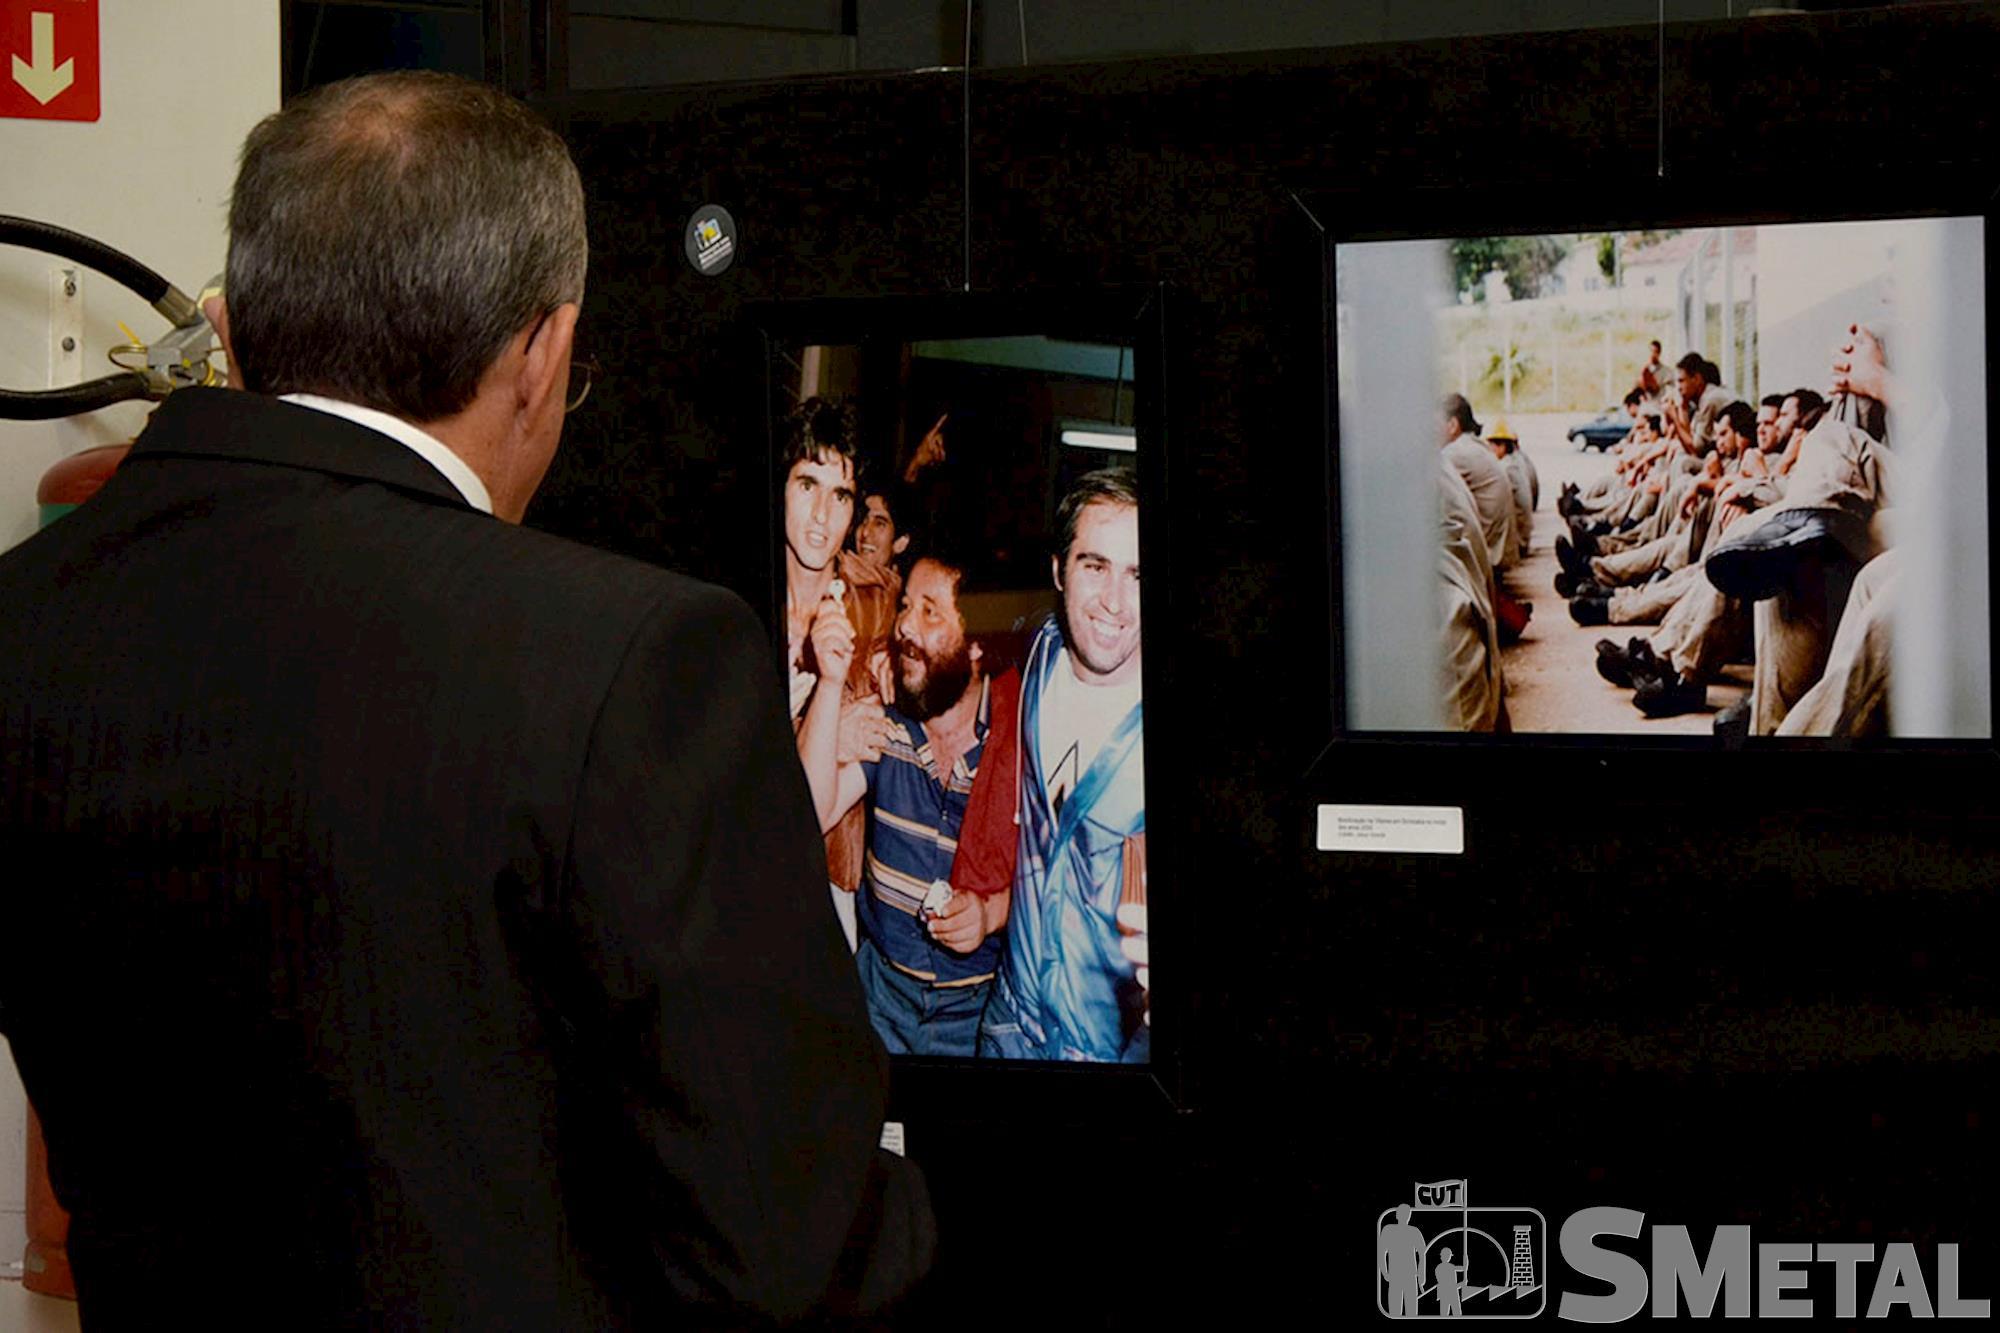 Exposição fotográfica que mostra trajetória da CUT na região de Sorocaba fica aberta ao público até quinta-feira,  dia 5, Sessão Solene na Câmara de Sorocaba comemora 30 anos de CUT